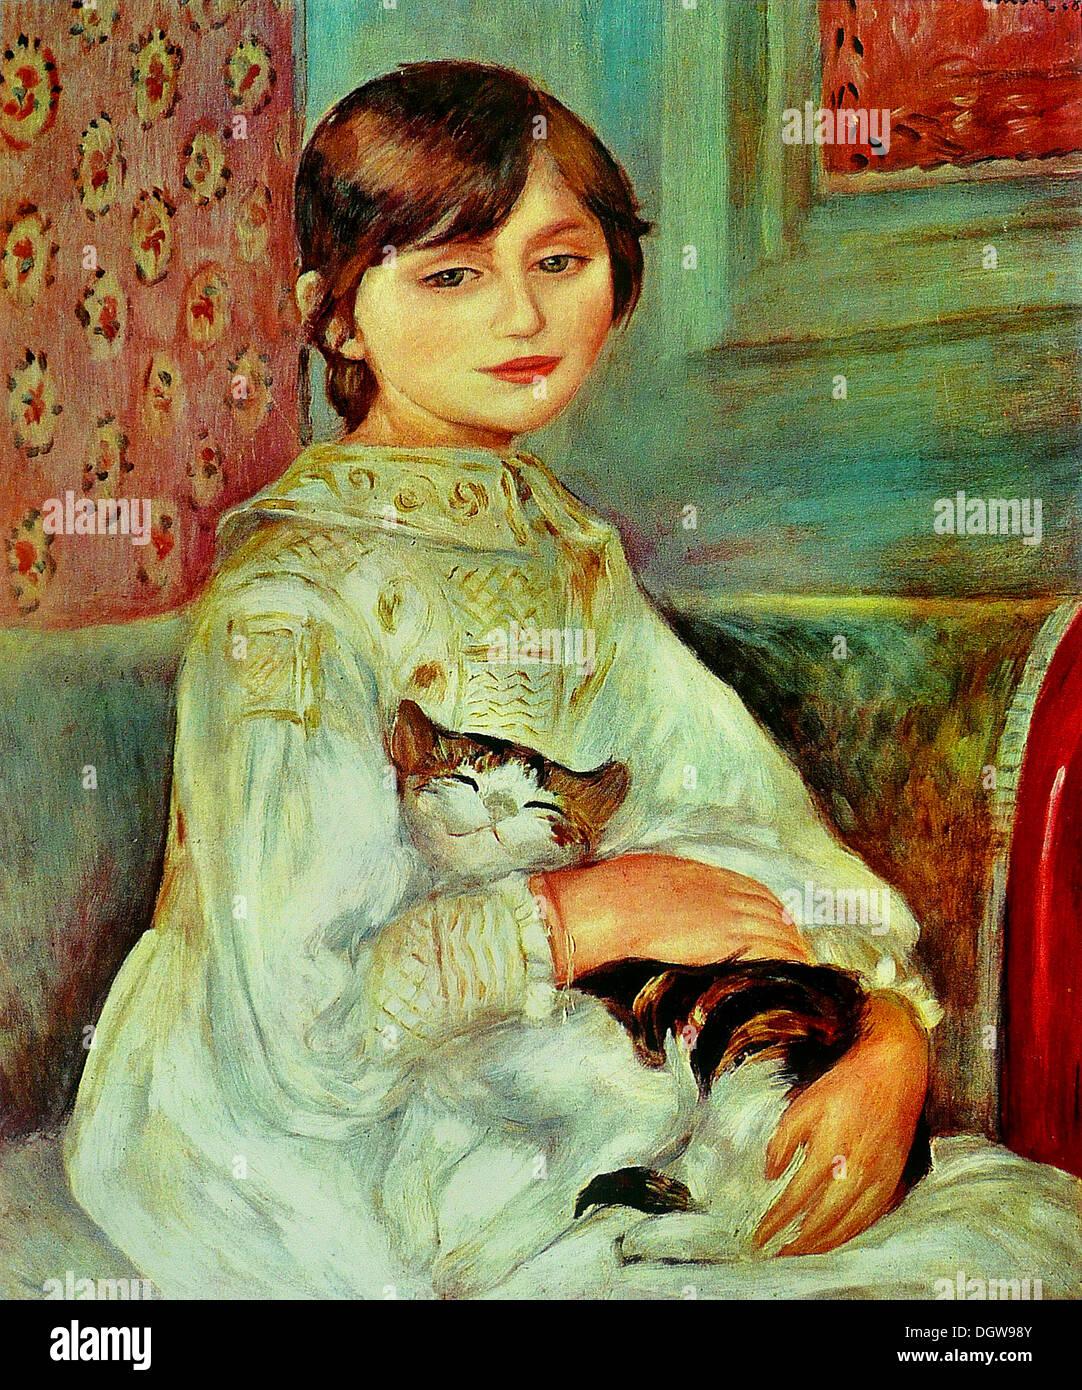 Julie Manet - by Pierre-Auguste Renoir, 1887 - Stock Image